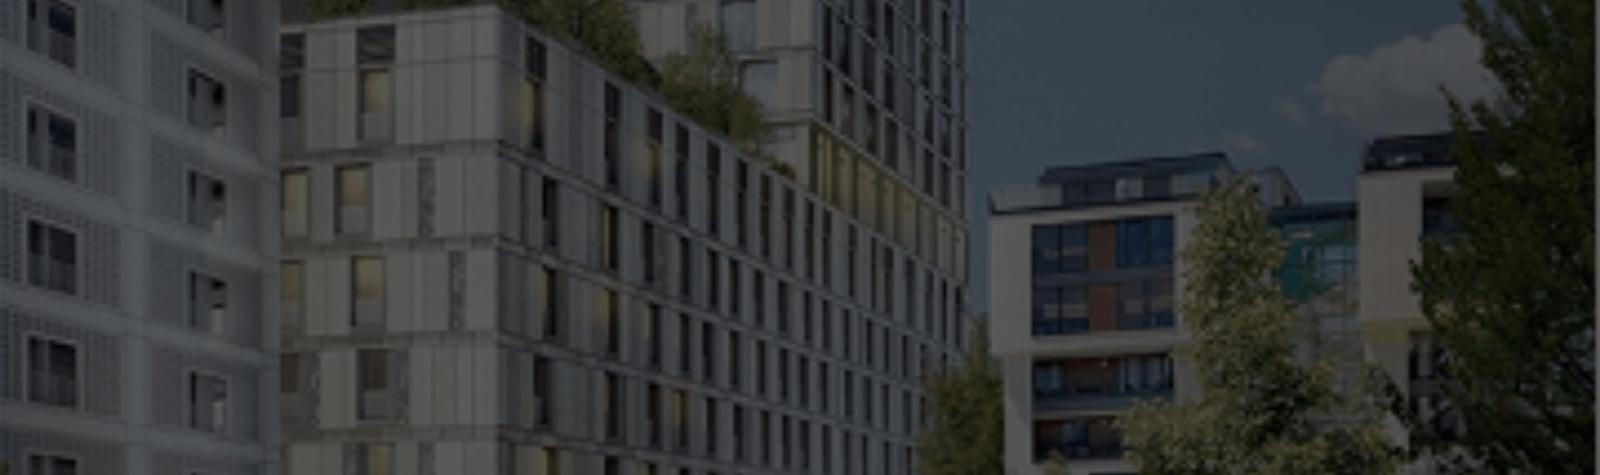 Retour sur le marché hôtelier : Union Investment acquiert la future Turm am Mailänder Platz à Stuttgart